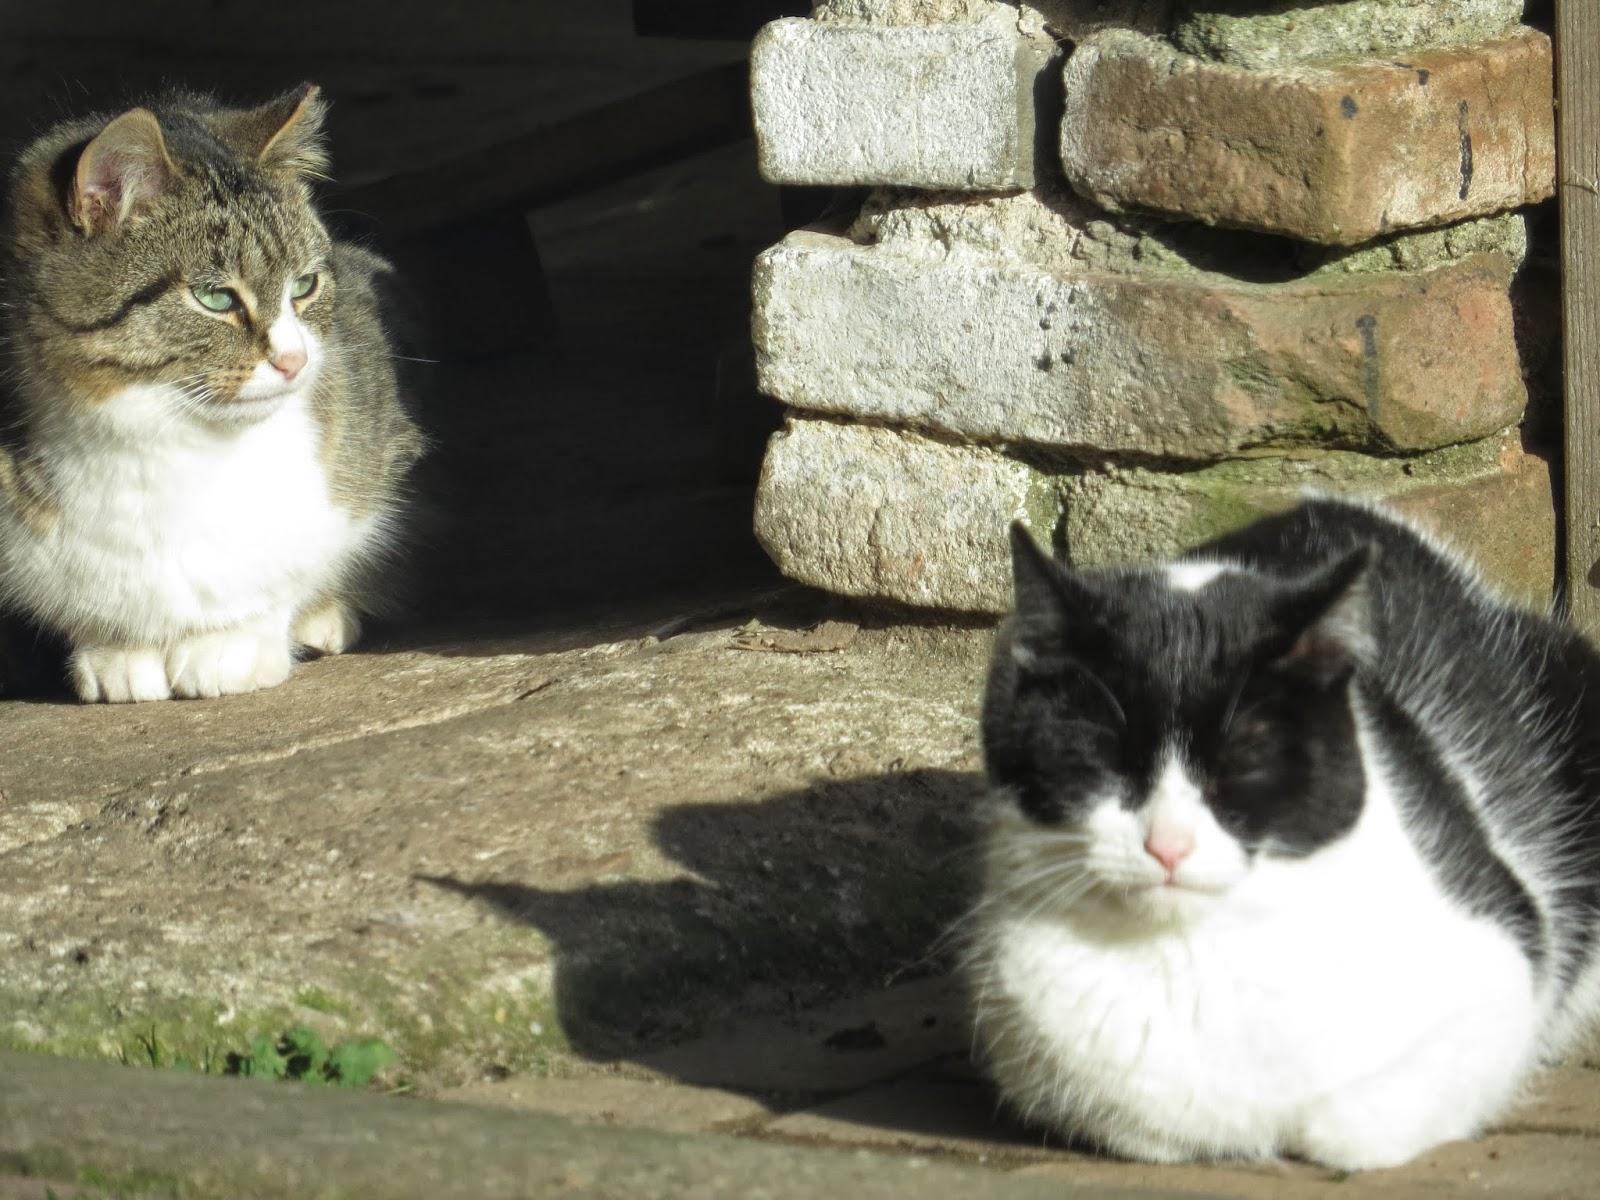 Liegt im Frebruar die Katz im Sonnenschein, muss sie im März untern Ofen rein.